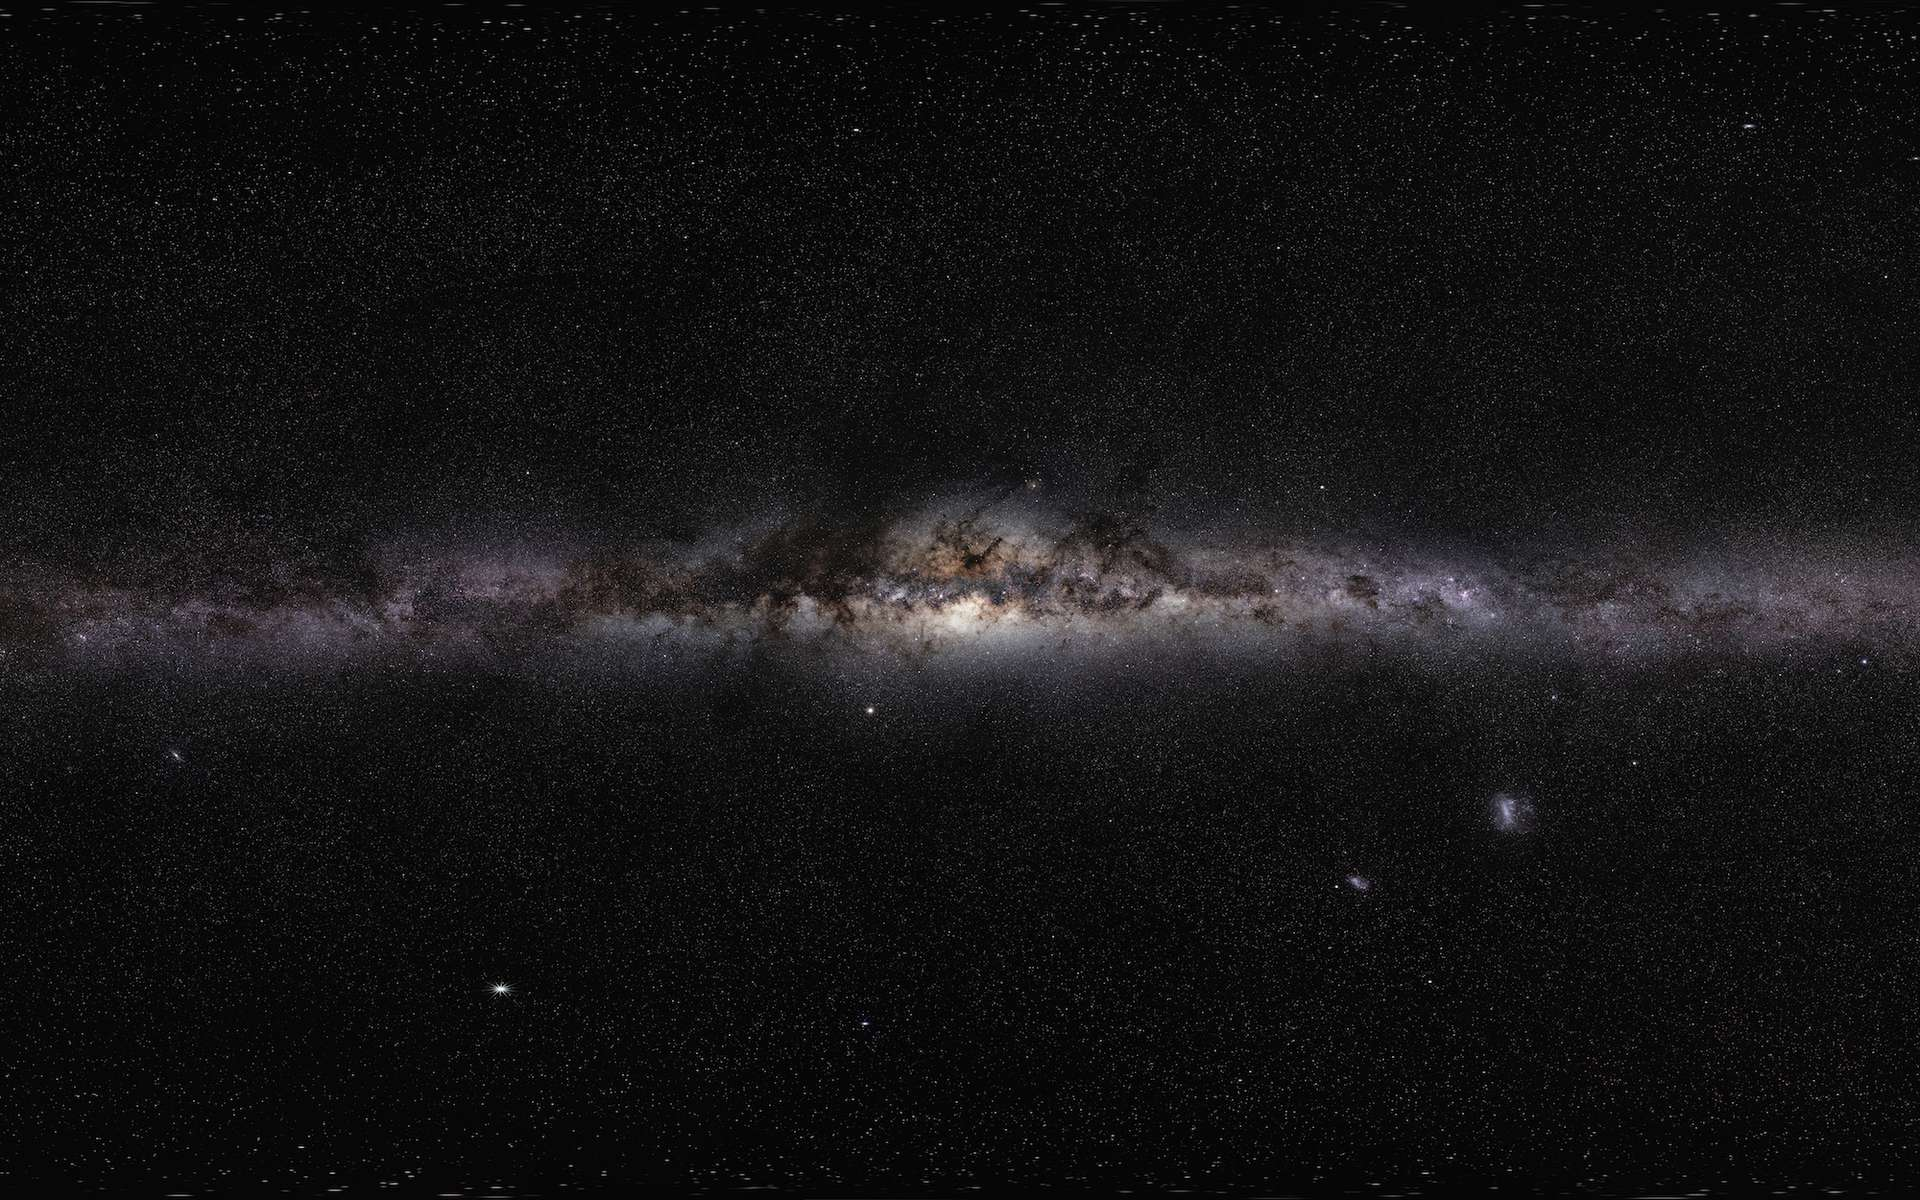 Portrait de notre galaxie. Assemblage de photos de la Voie lactée prises depuis diverses régions du monde. © Serge Brunier